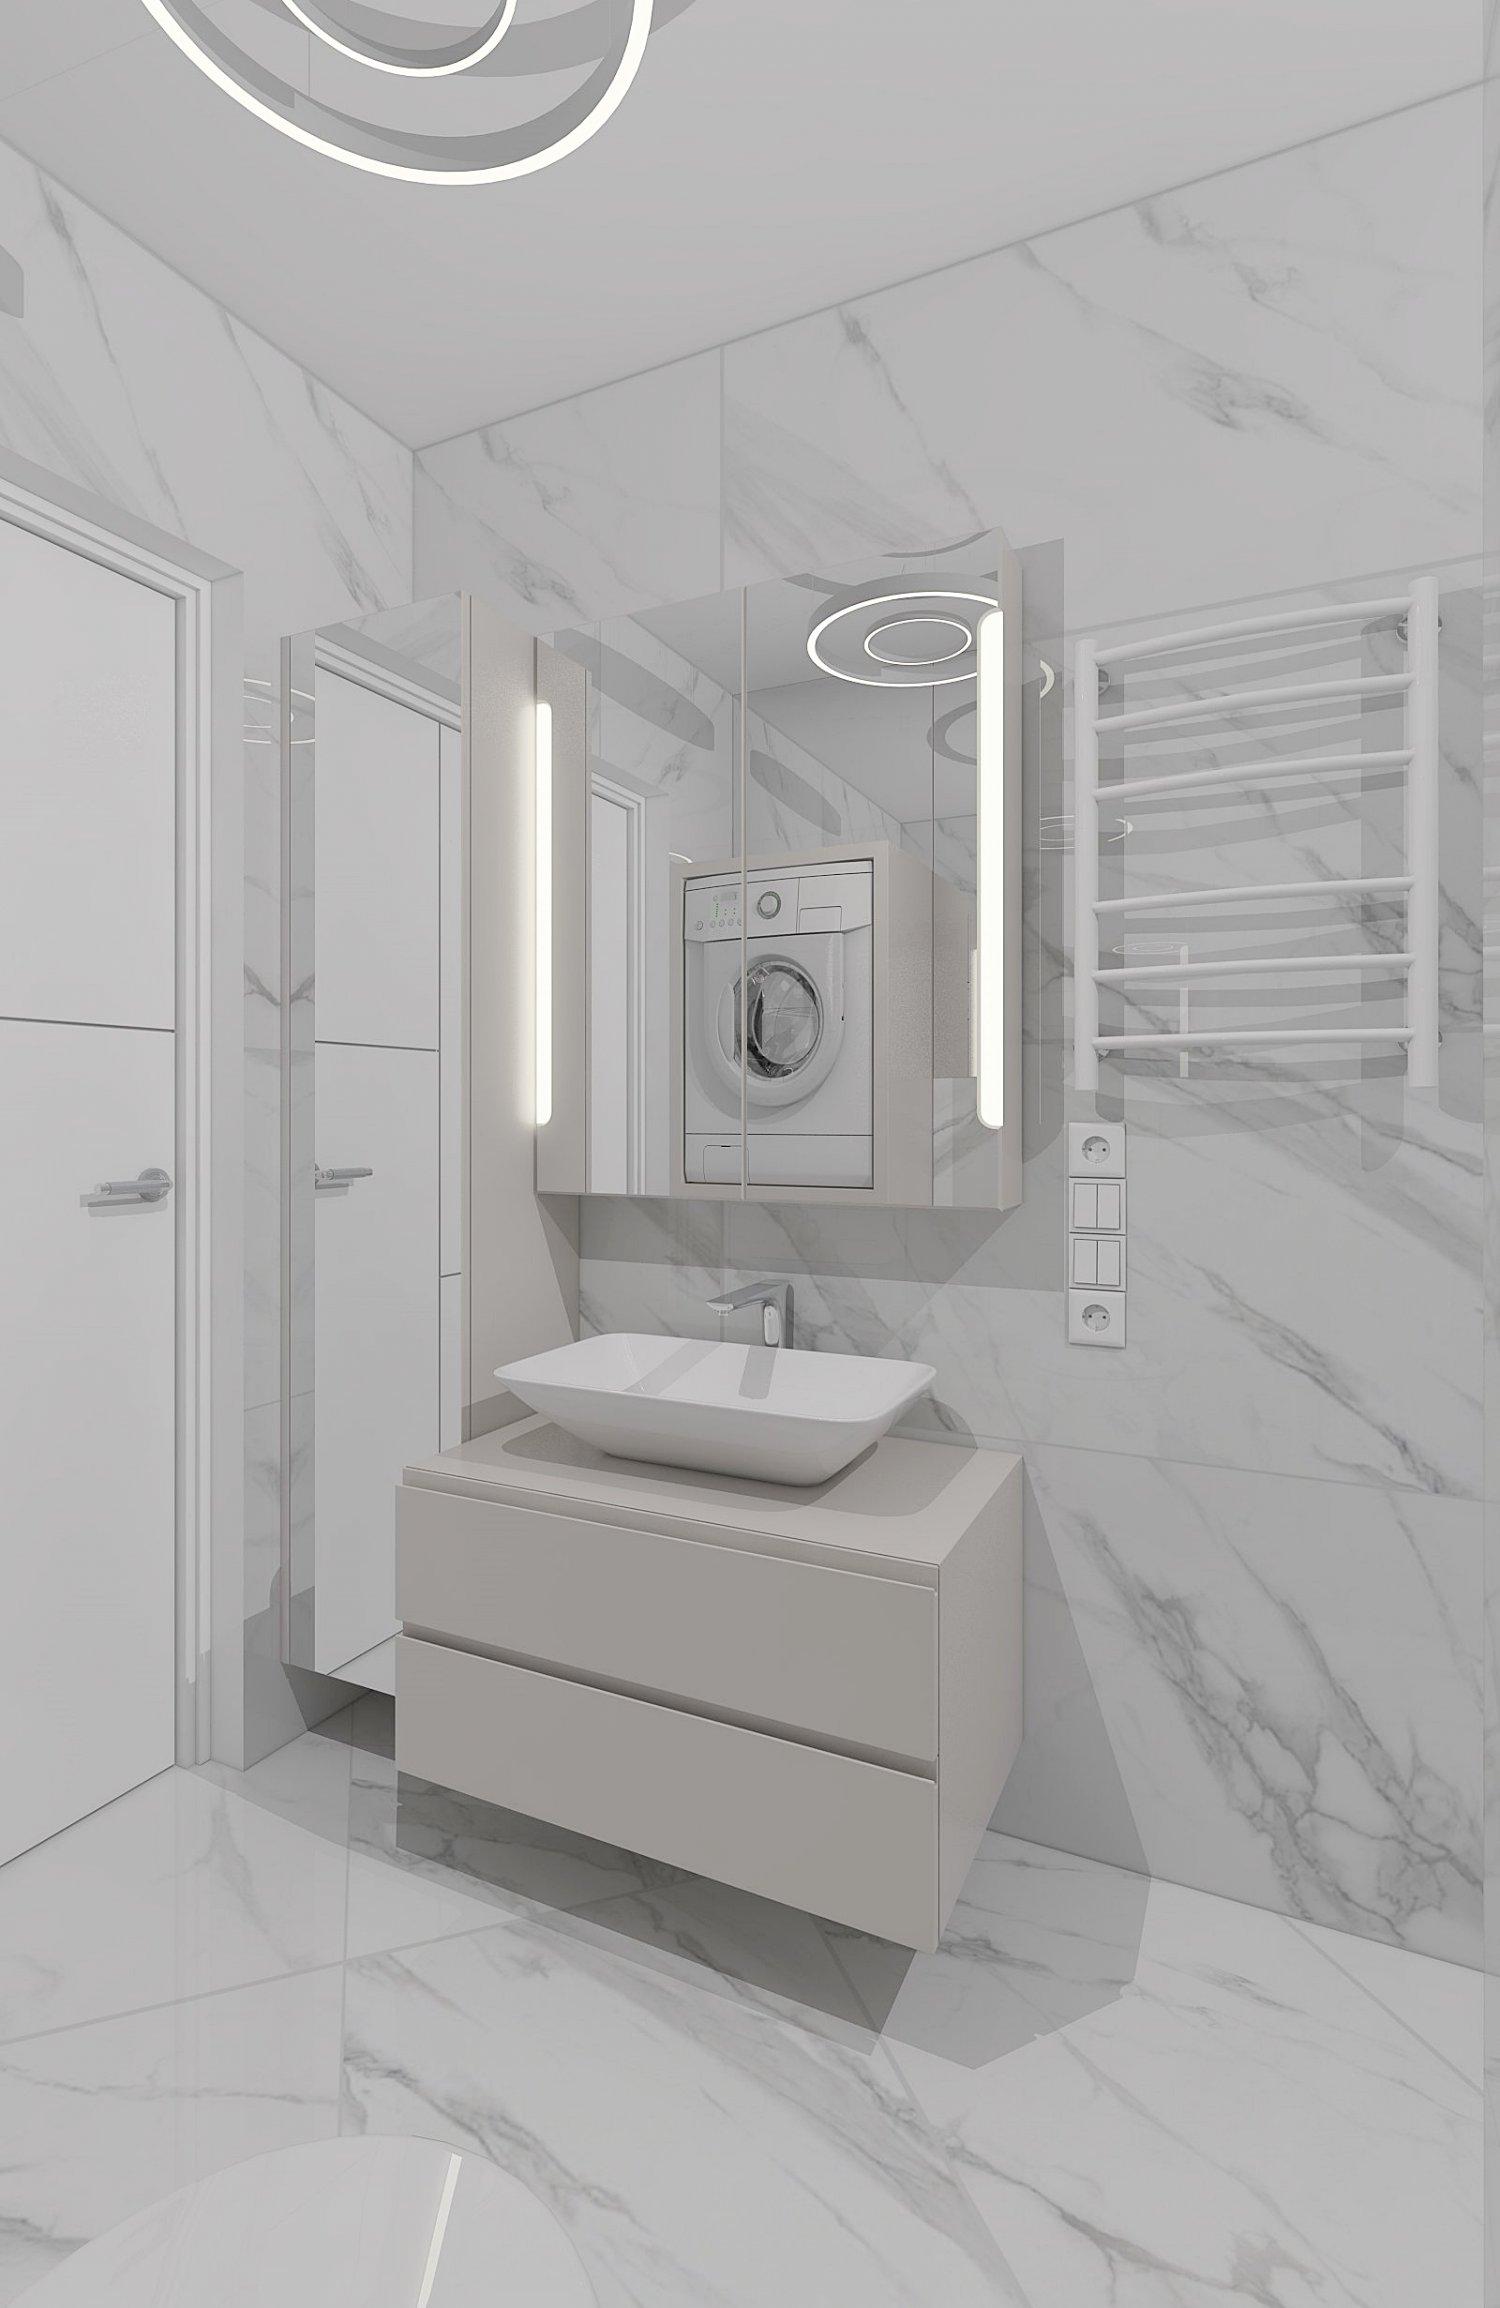 Cozy shower room with marble tiles Free 3D Model in Bathroom 3DExport